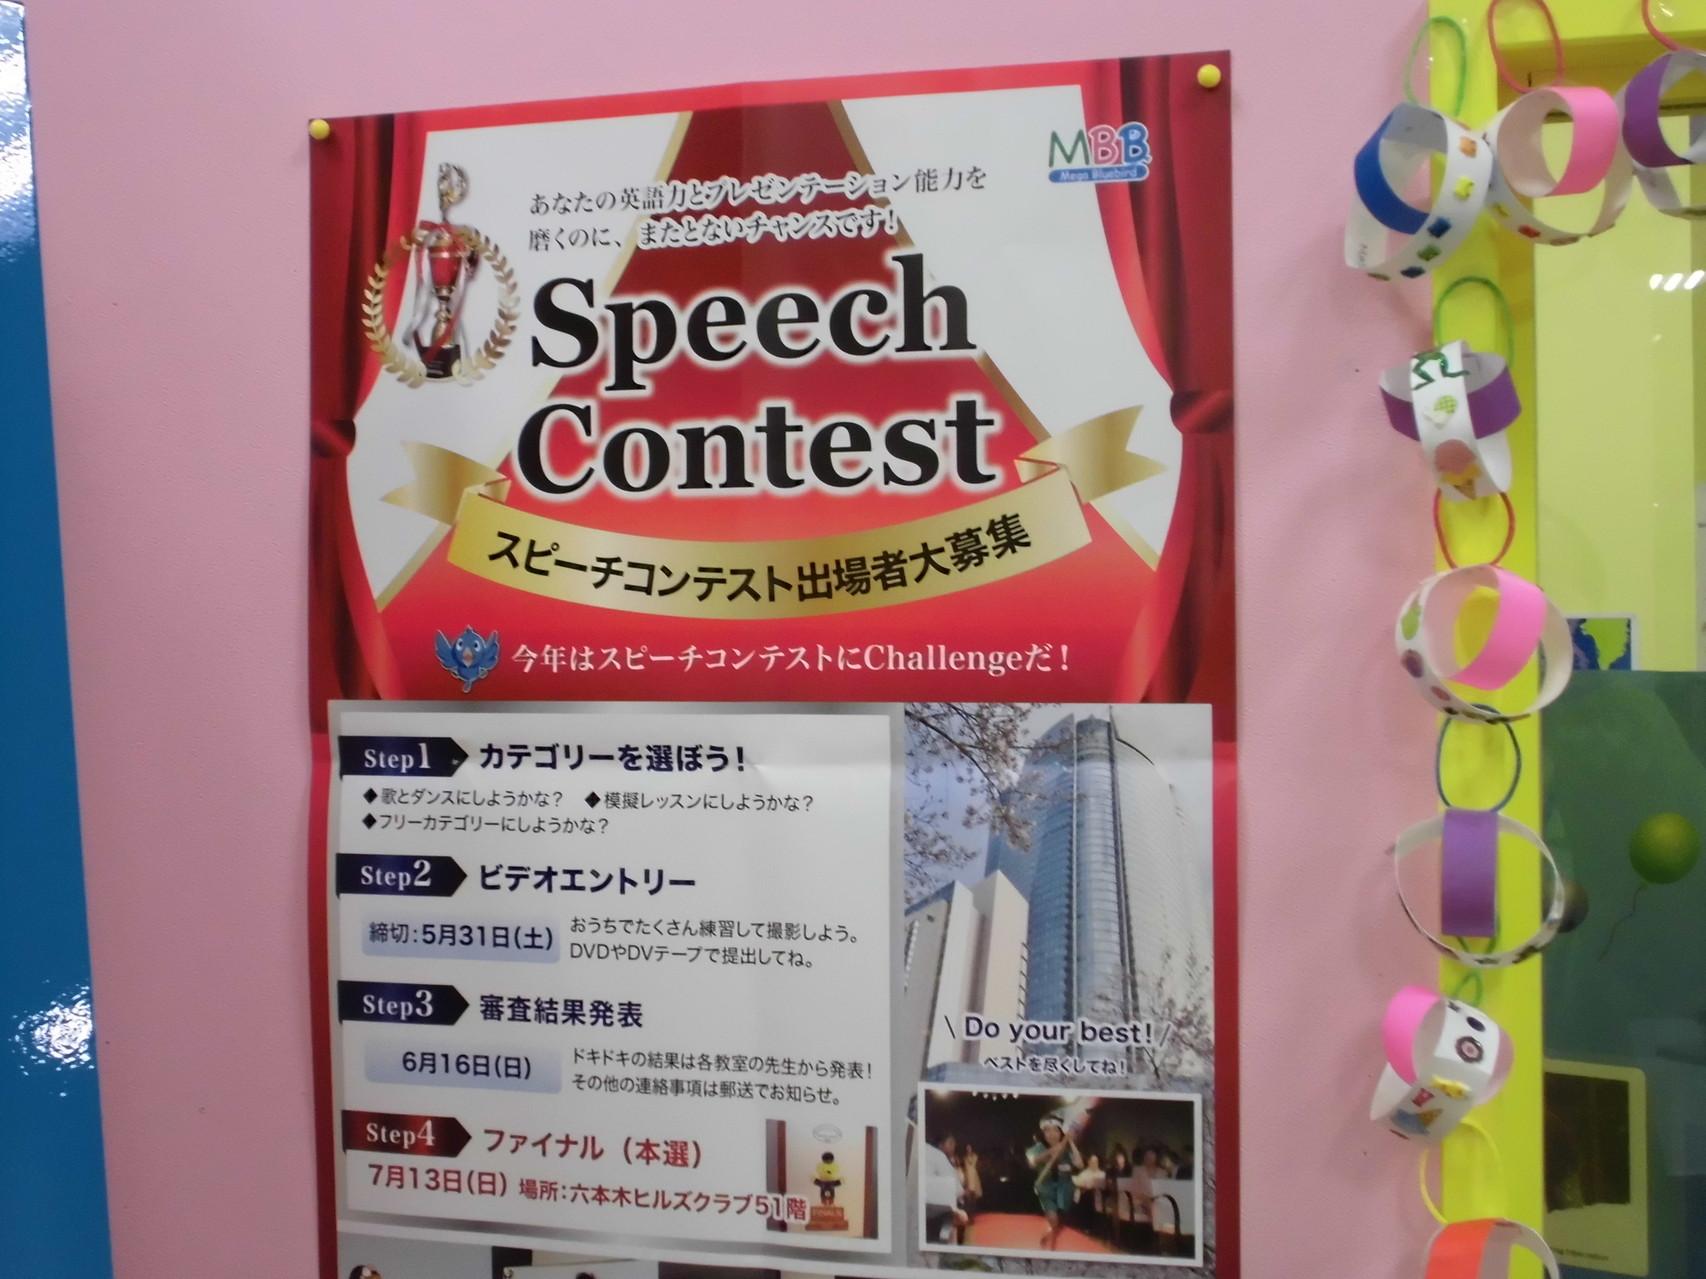 そして夏は、英語スピーチコンテスト東京ファイナルをめざす